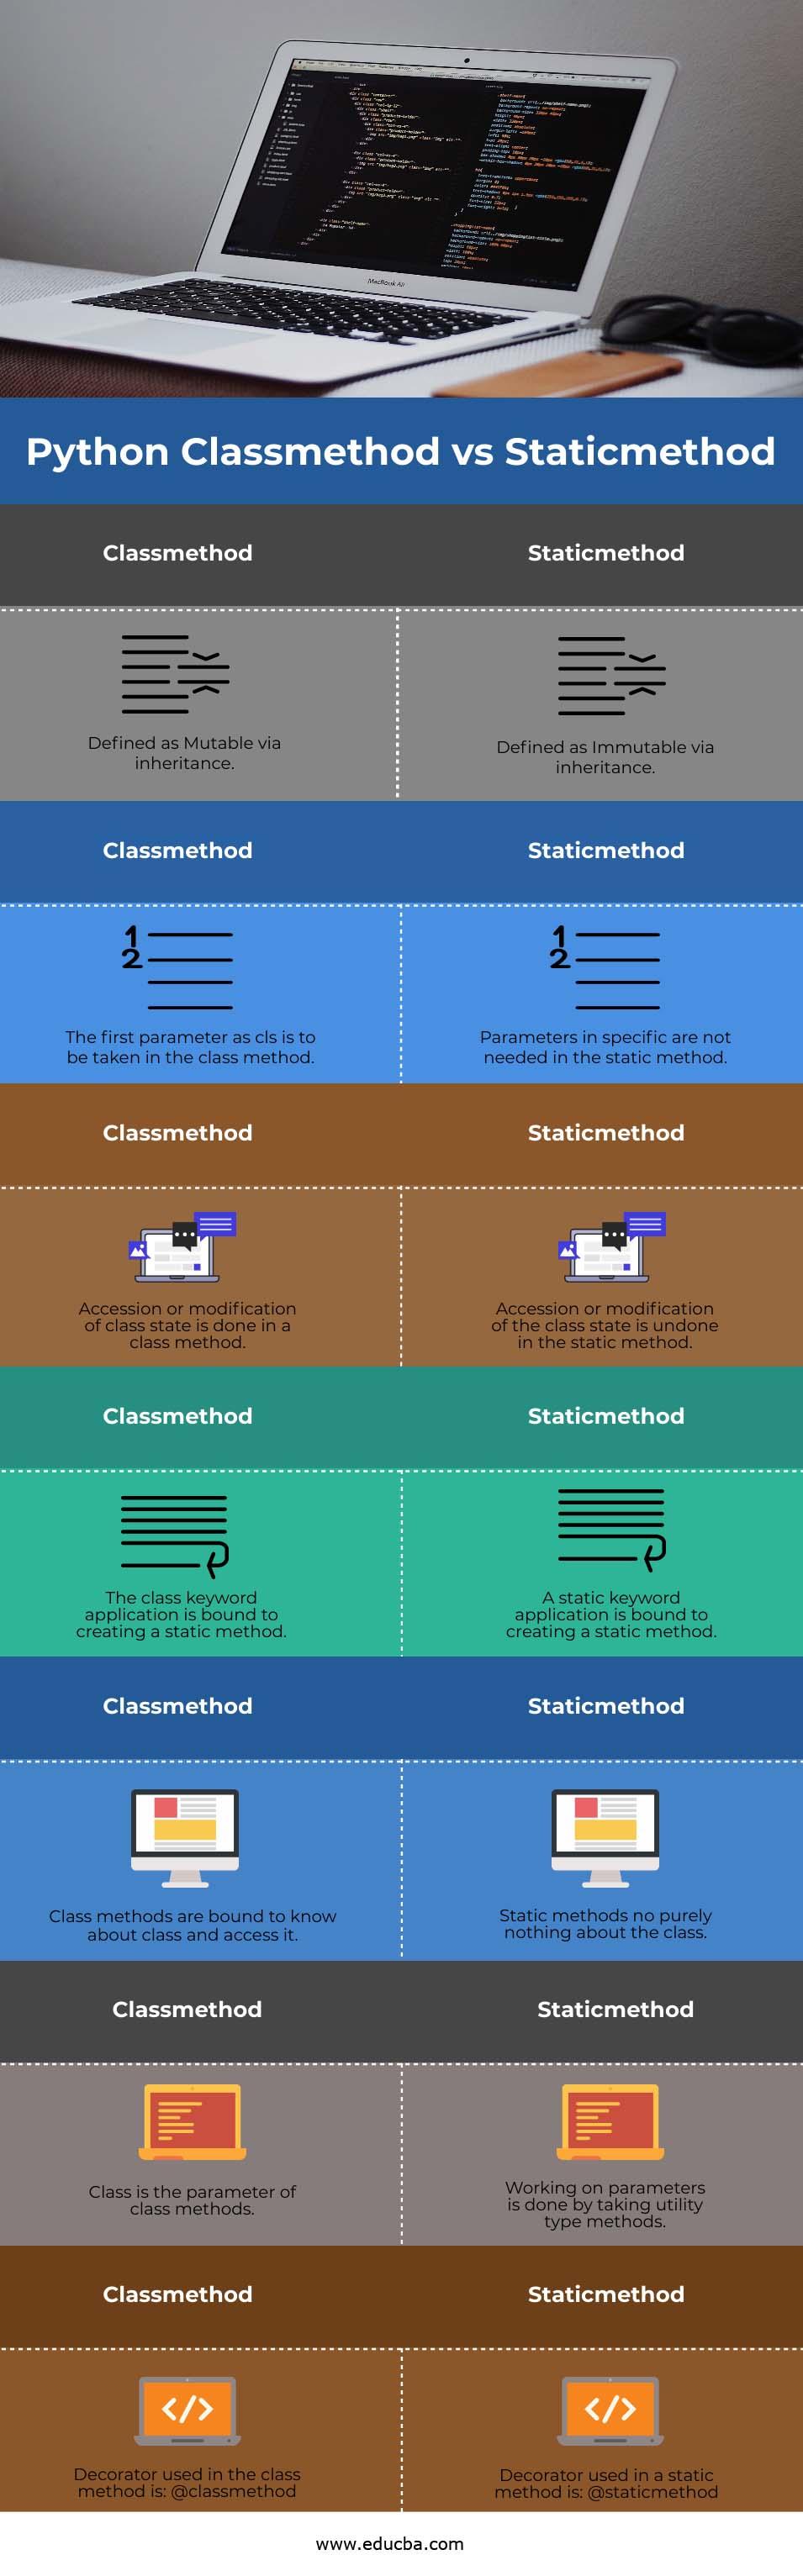 Python Classmethod vs Staticmethod info